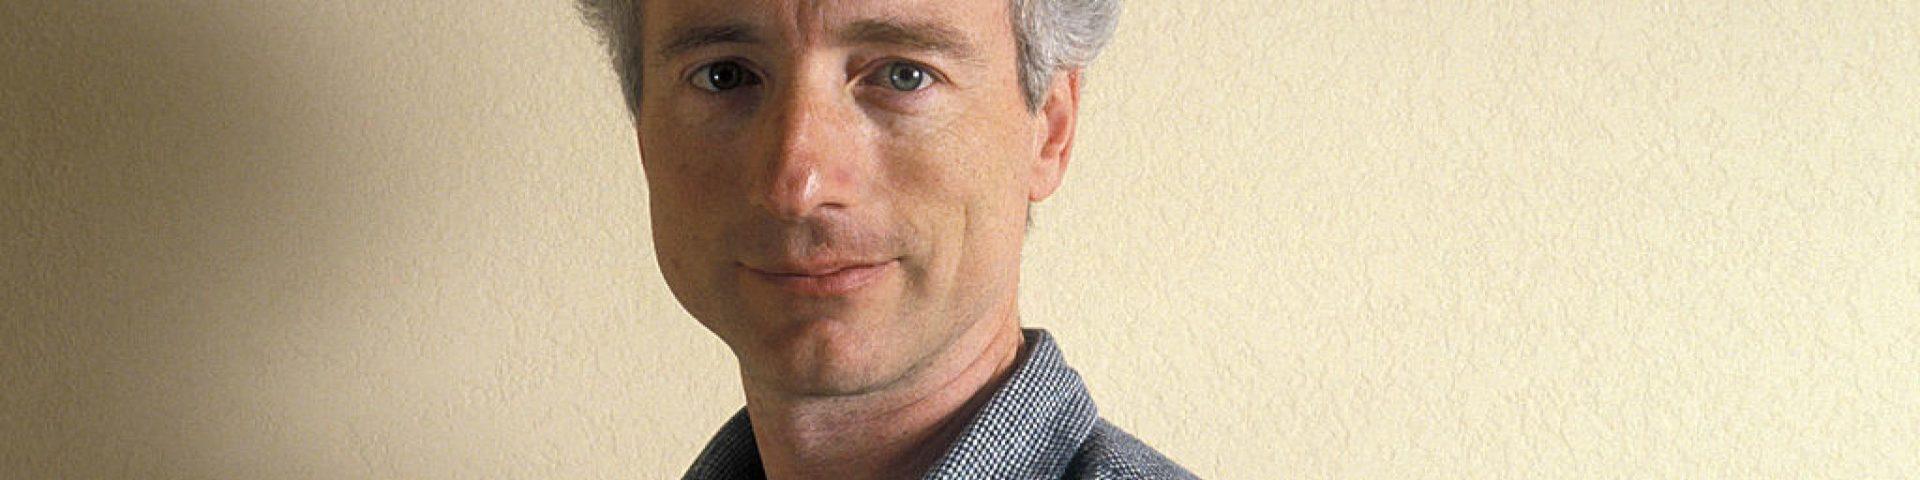 Morto Larry Tesler, inventore del copia e incolla